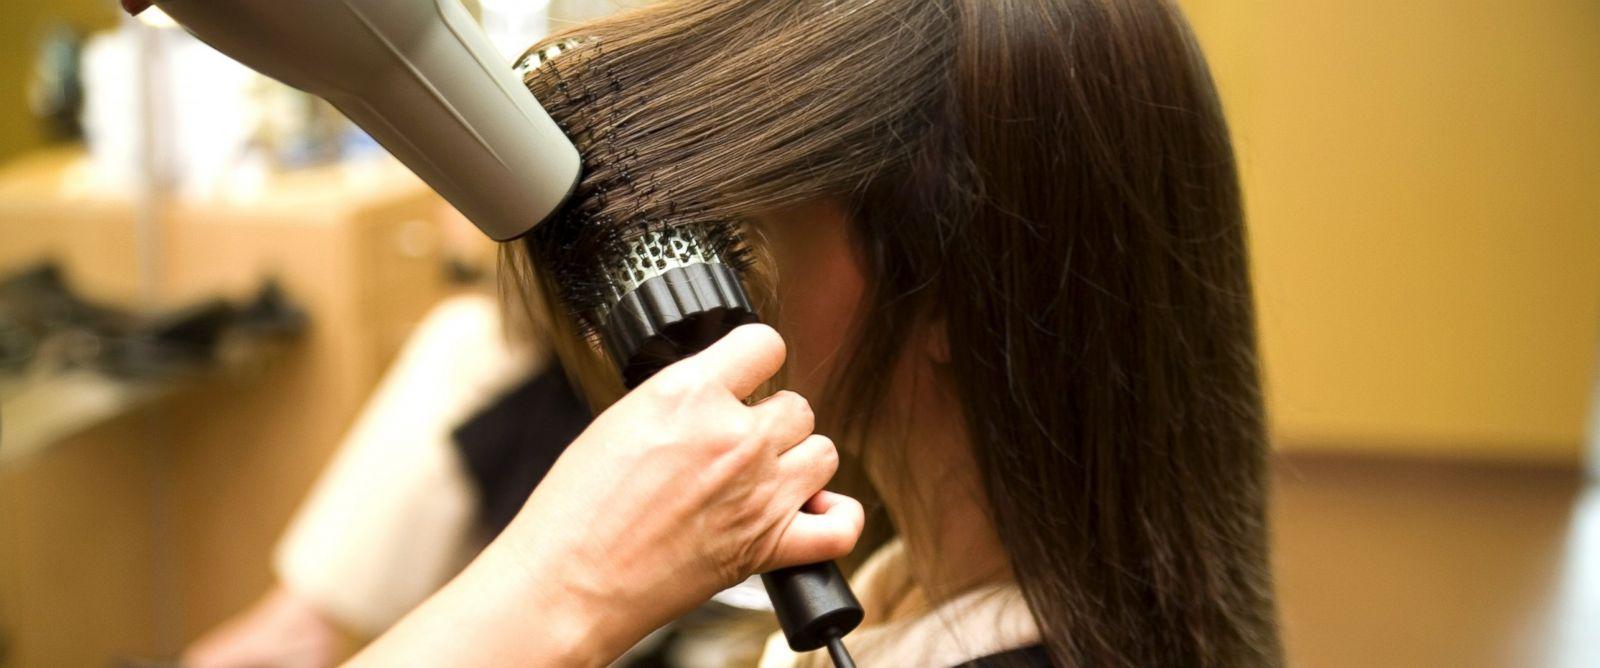 Как уложить волосы феном как правильно научиться самой 33